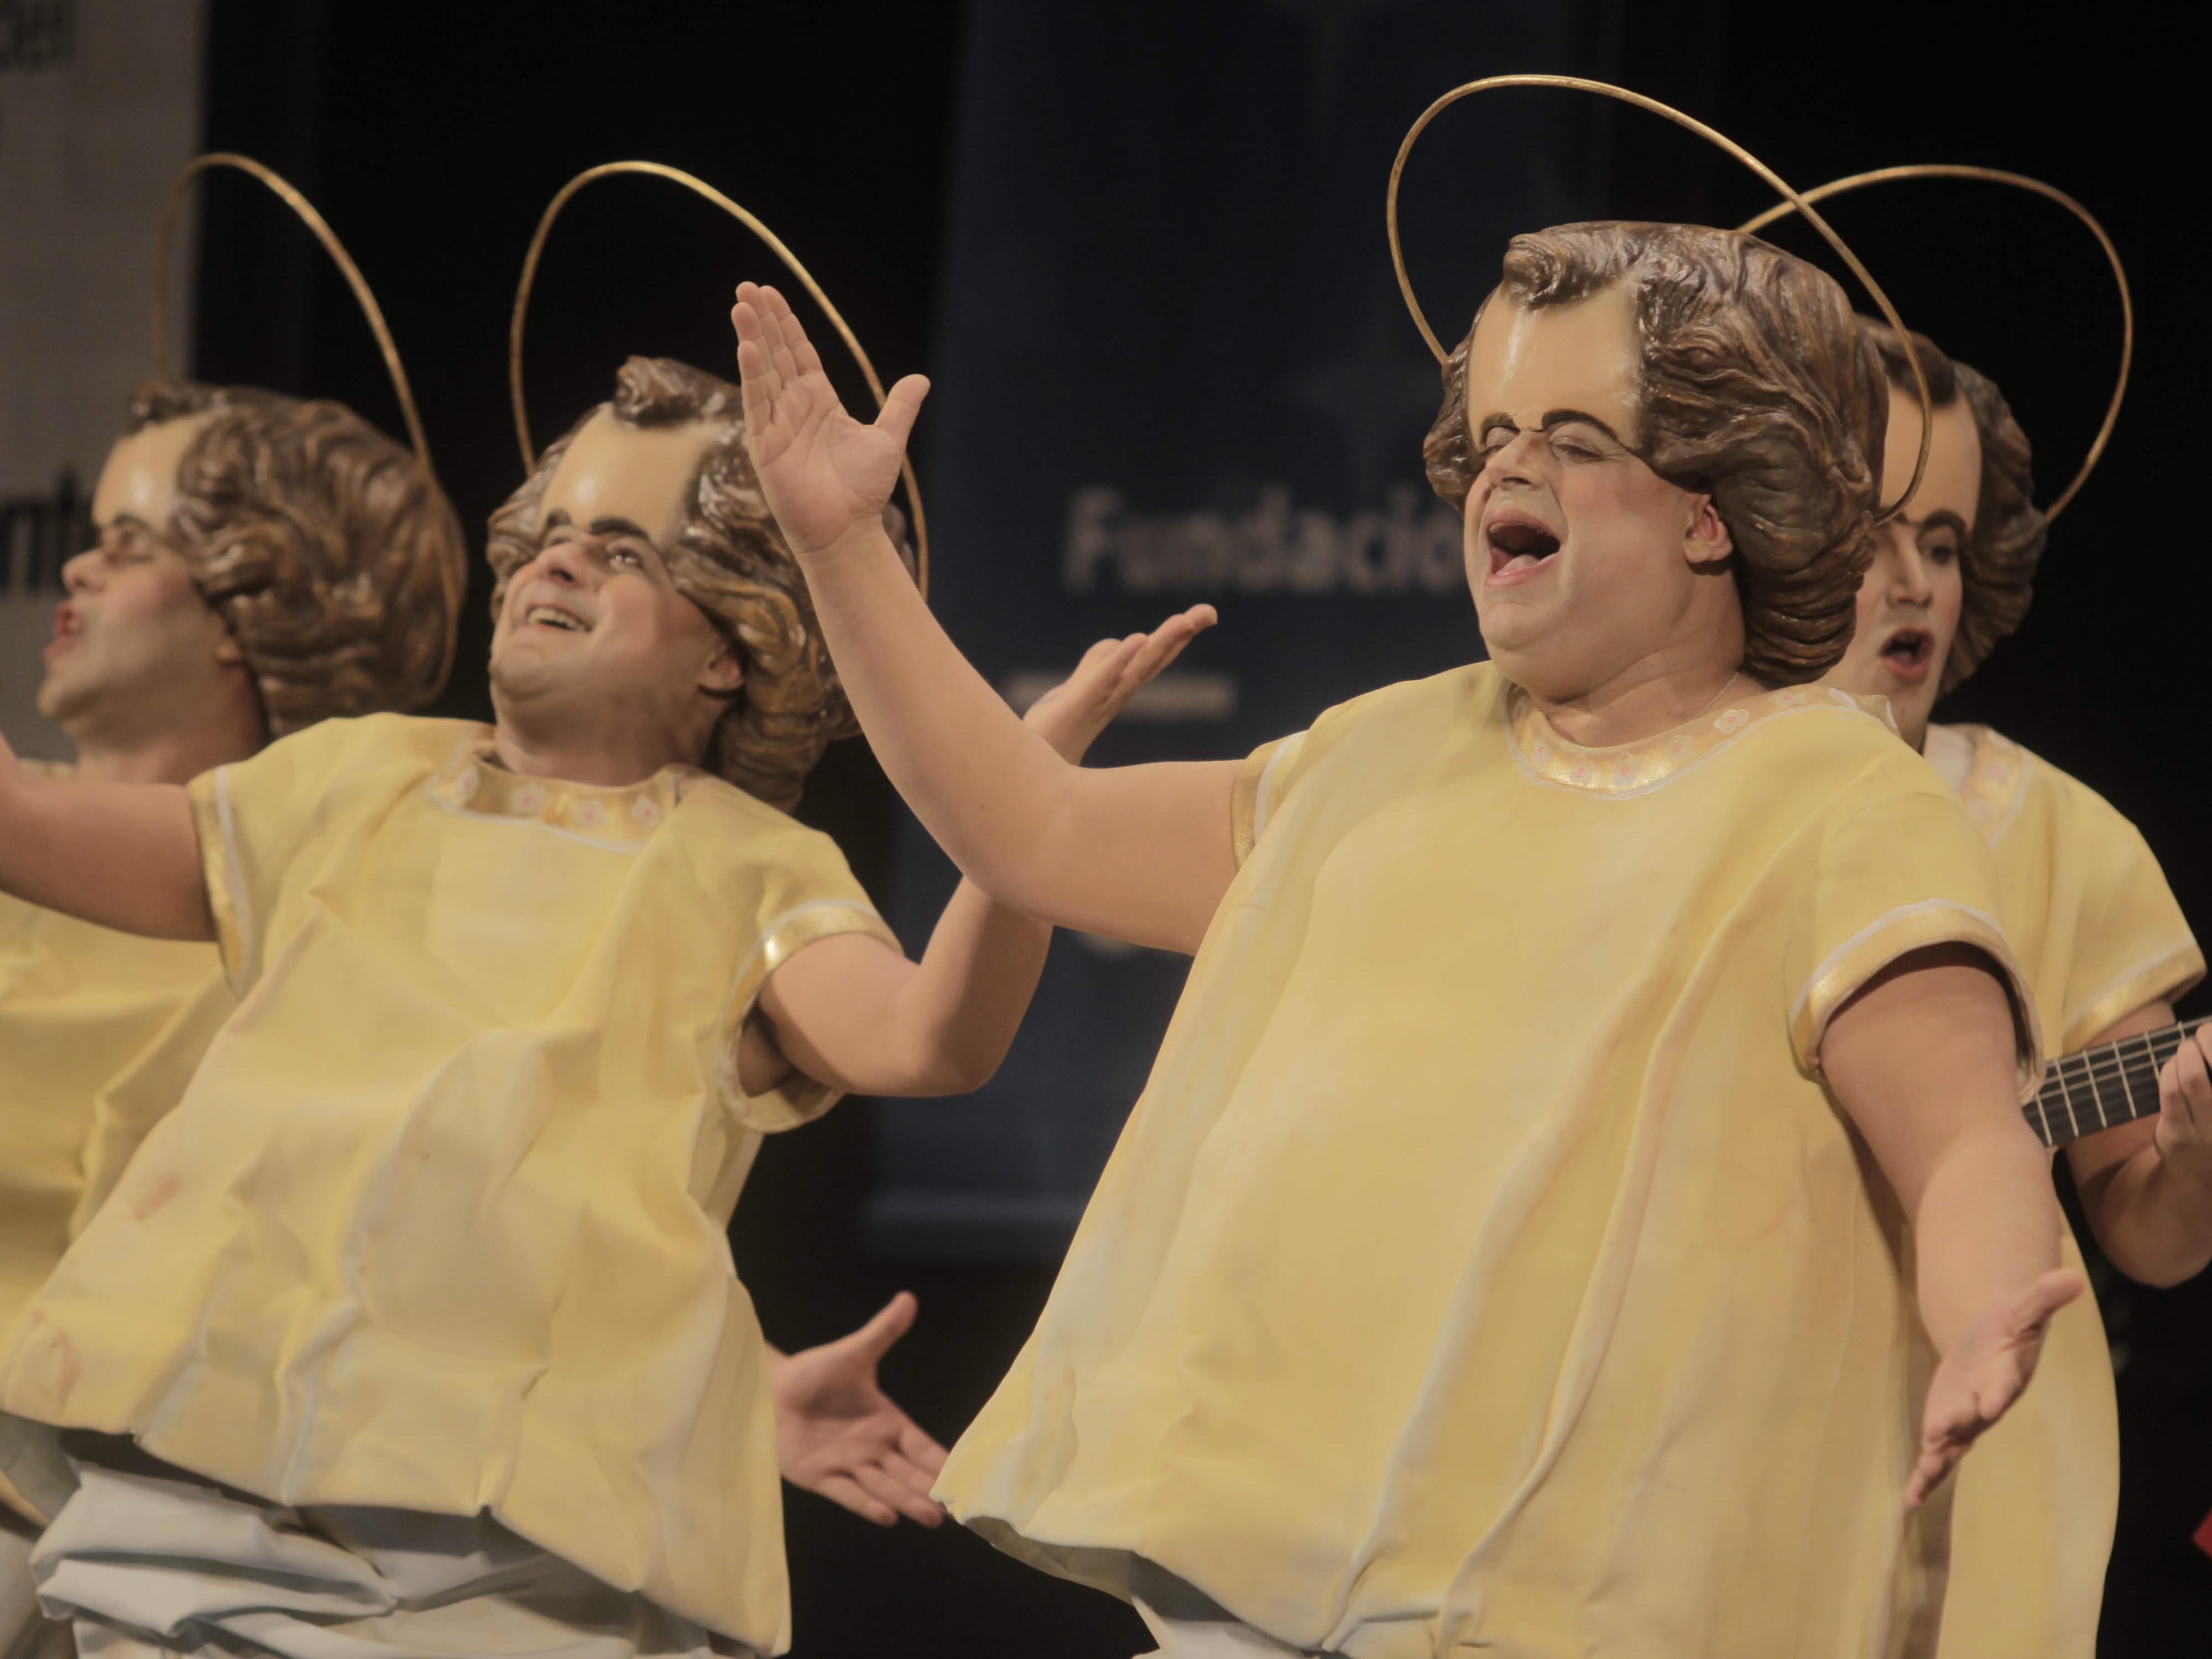 La chirigota del Canijo '¡Qué caló! pone su música en manos de Jesús Bienvenido